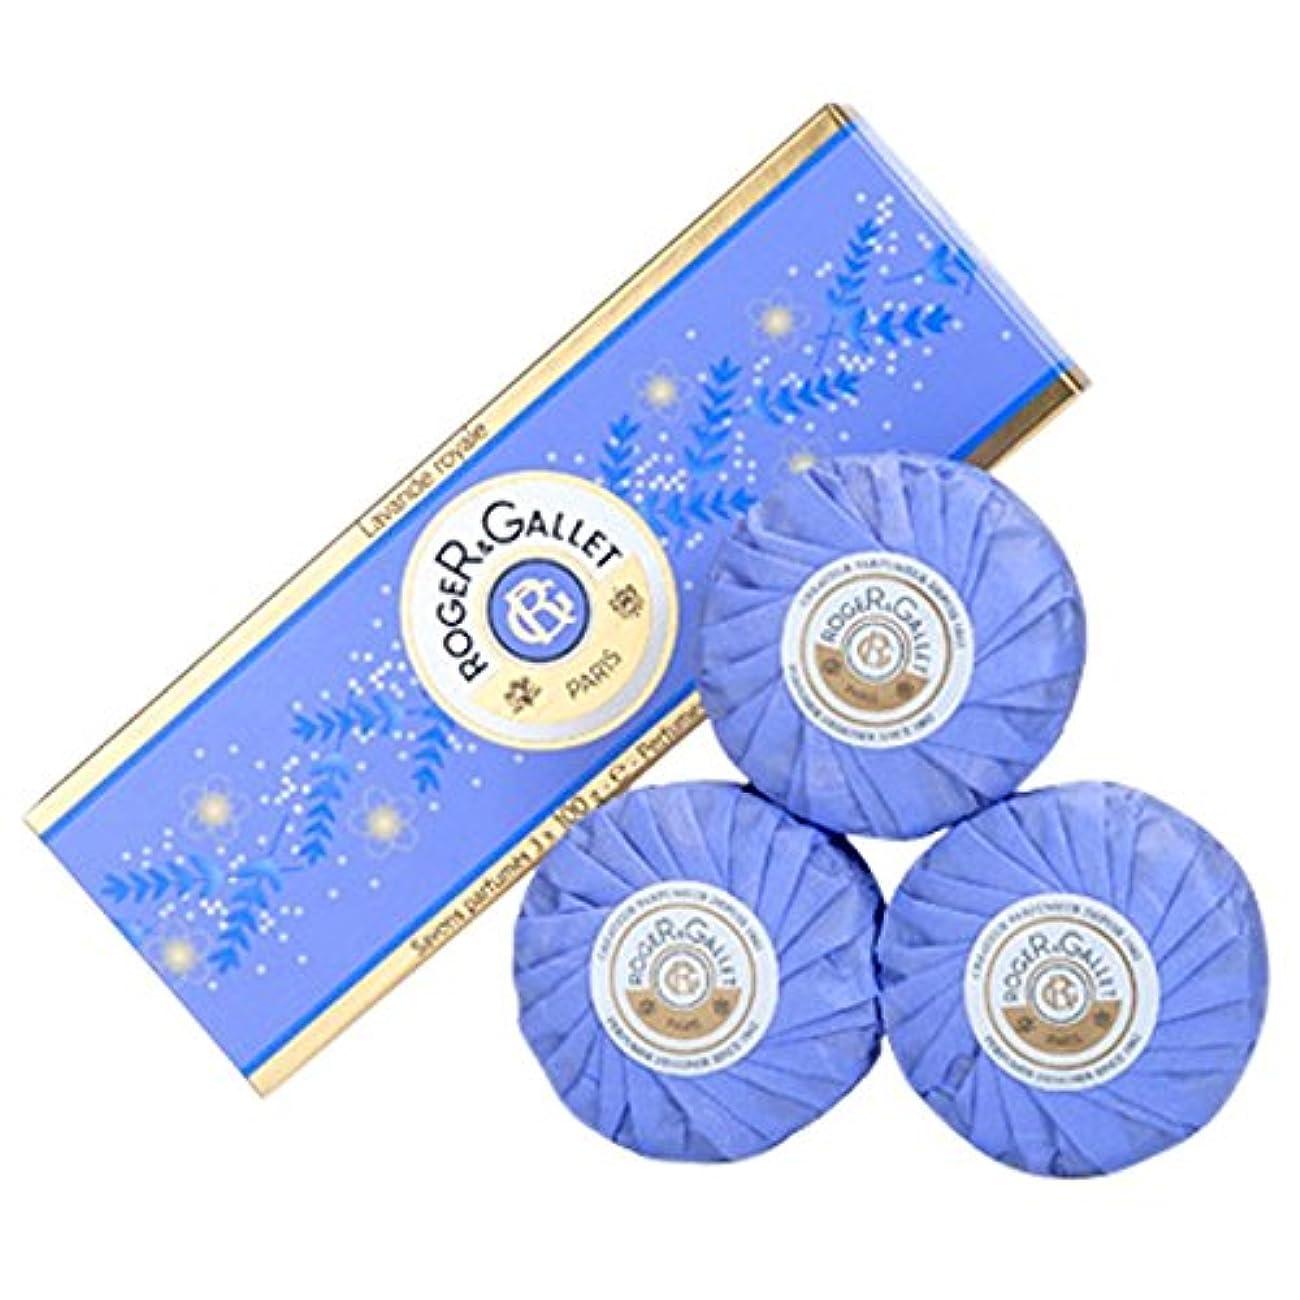 休憩するたくさんの極端なロジャー&Galletのラバンデロワイヤルソープコフレ3つのX 100グラム (Roger & Gallet) (x6) - Roger & Gallet Lavande Royale Soap Coffret 3 x 100g (Pack of 6) [並行輸入品]